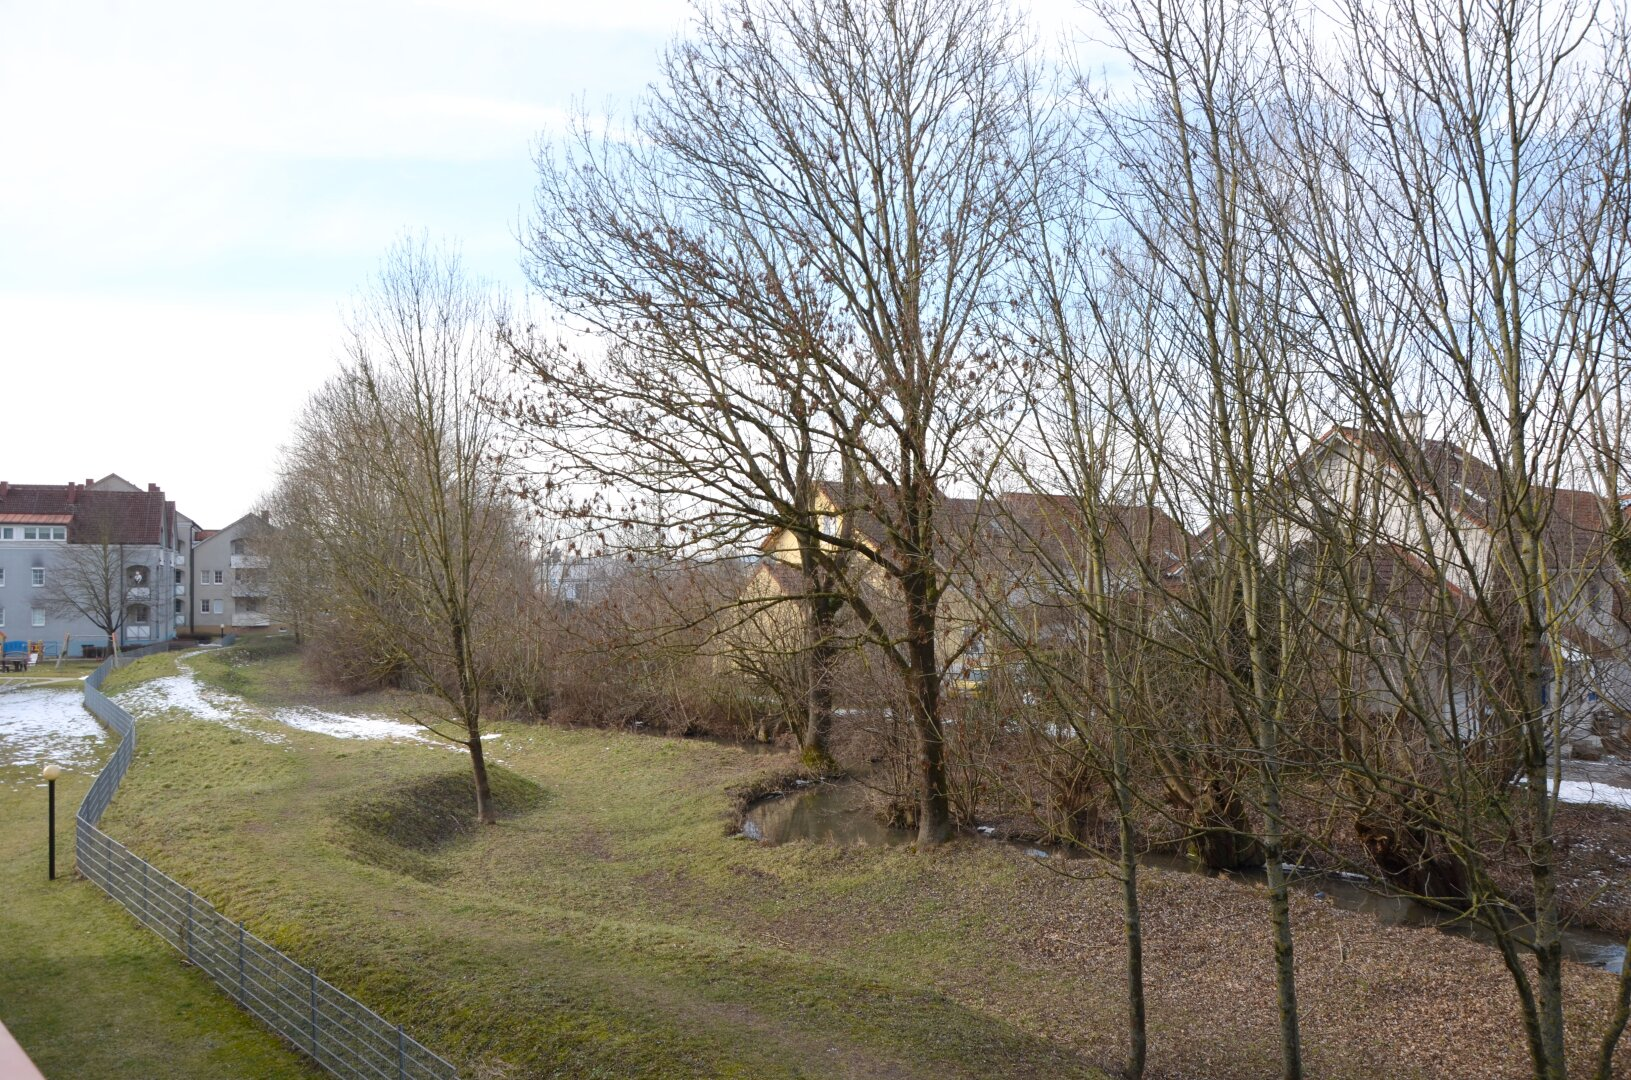 Referenzbild - Blick von der Loggia ins Grüne - nicht bei allen Wohnungen